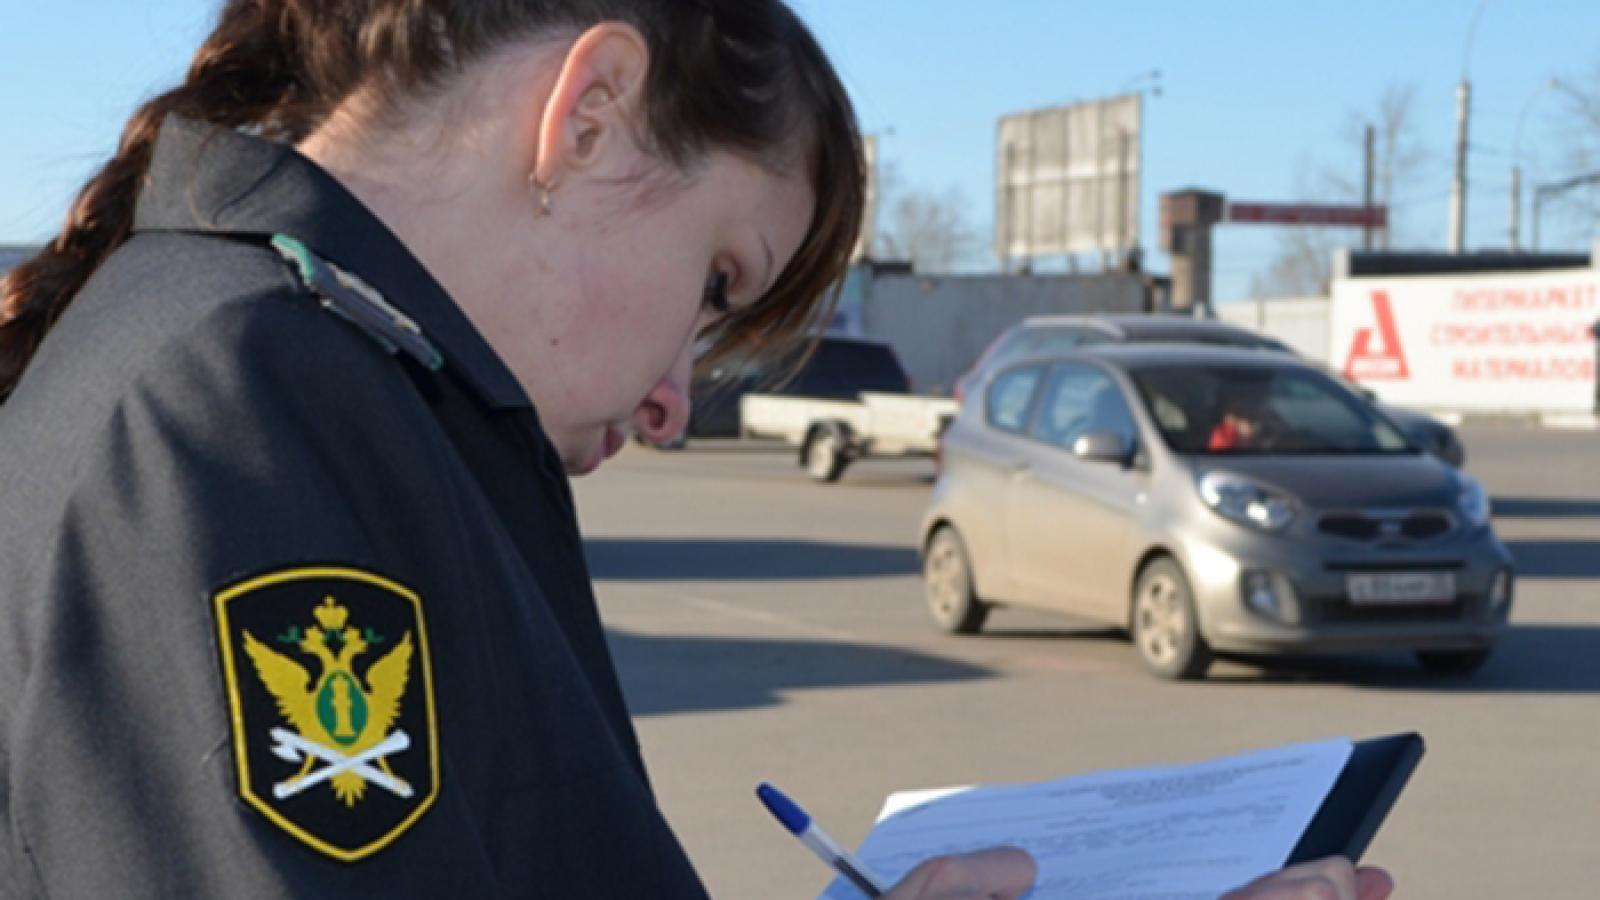 В Вологде приставы арестовали автомобили на 6 миллионов рублей